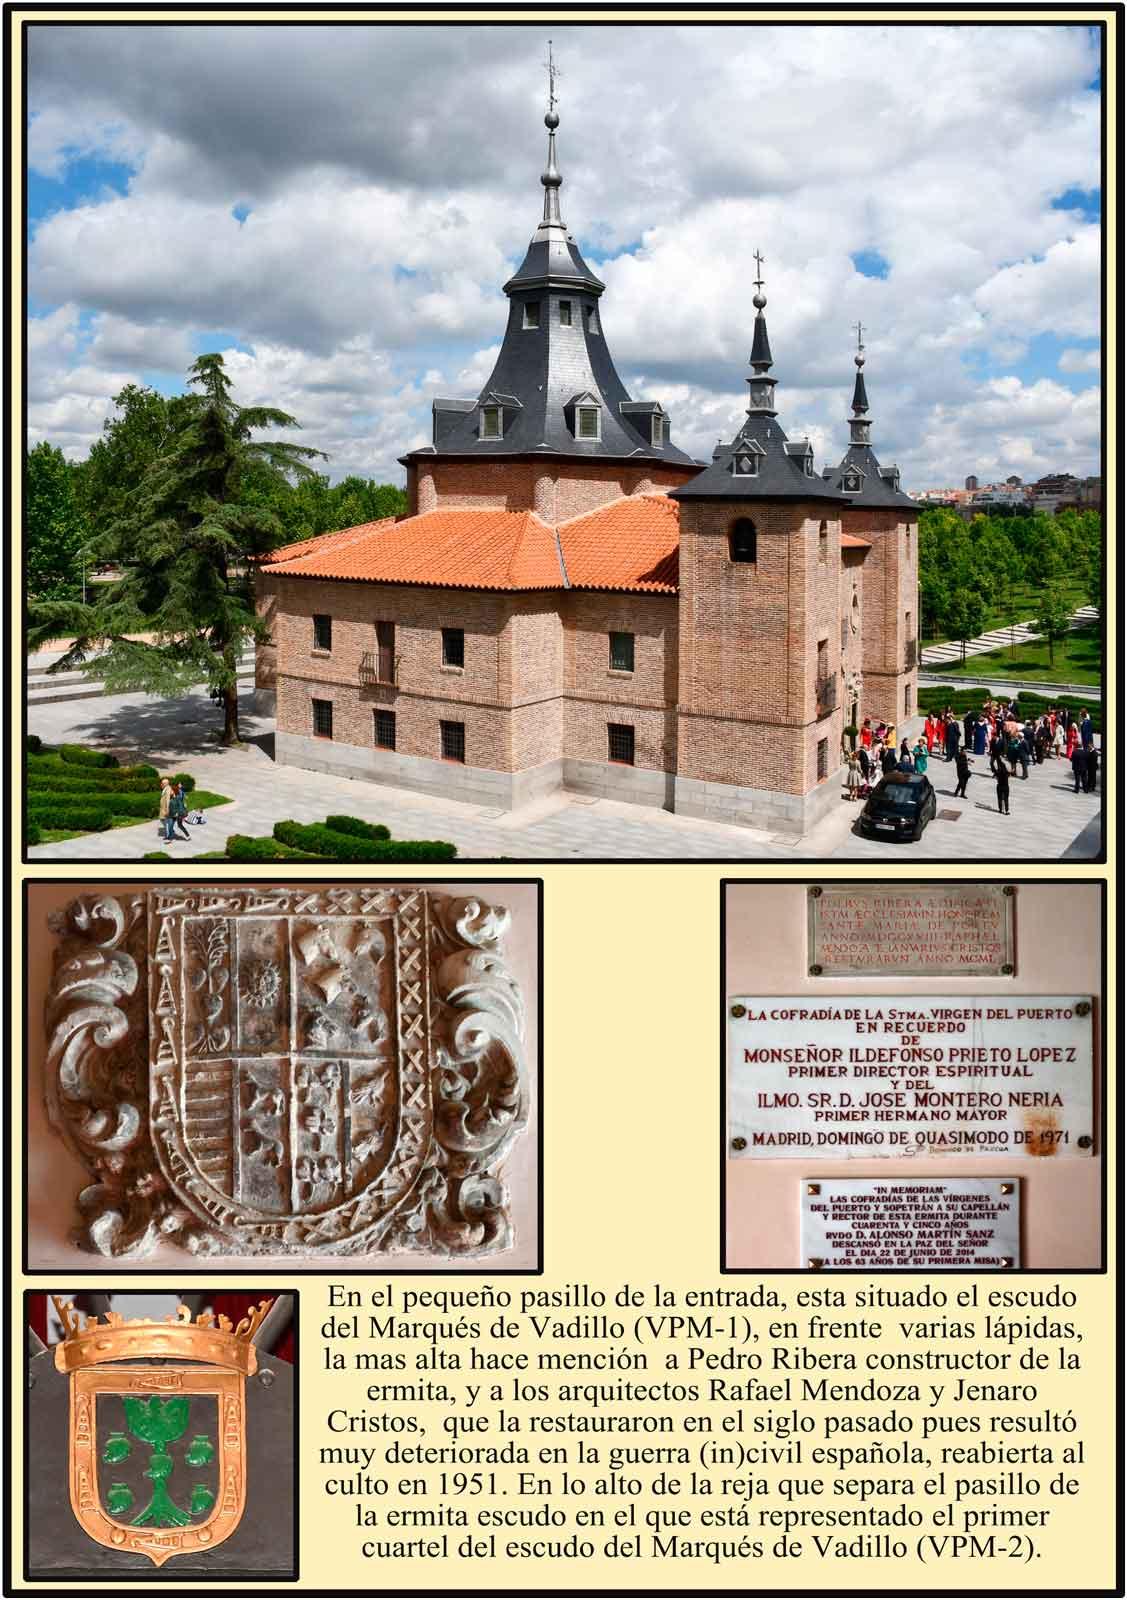 Escudo del Marques de Vadillo Virgen del Puerto